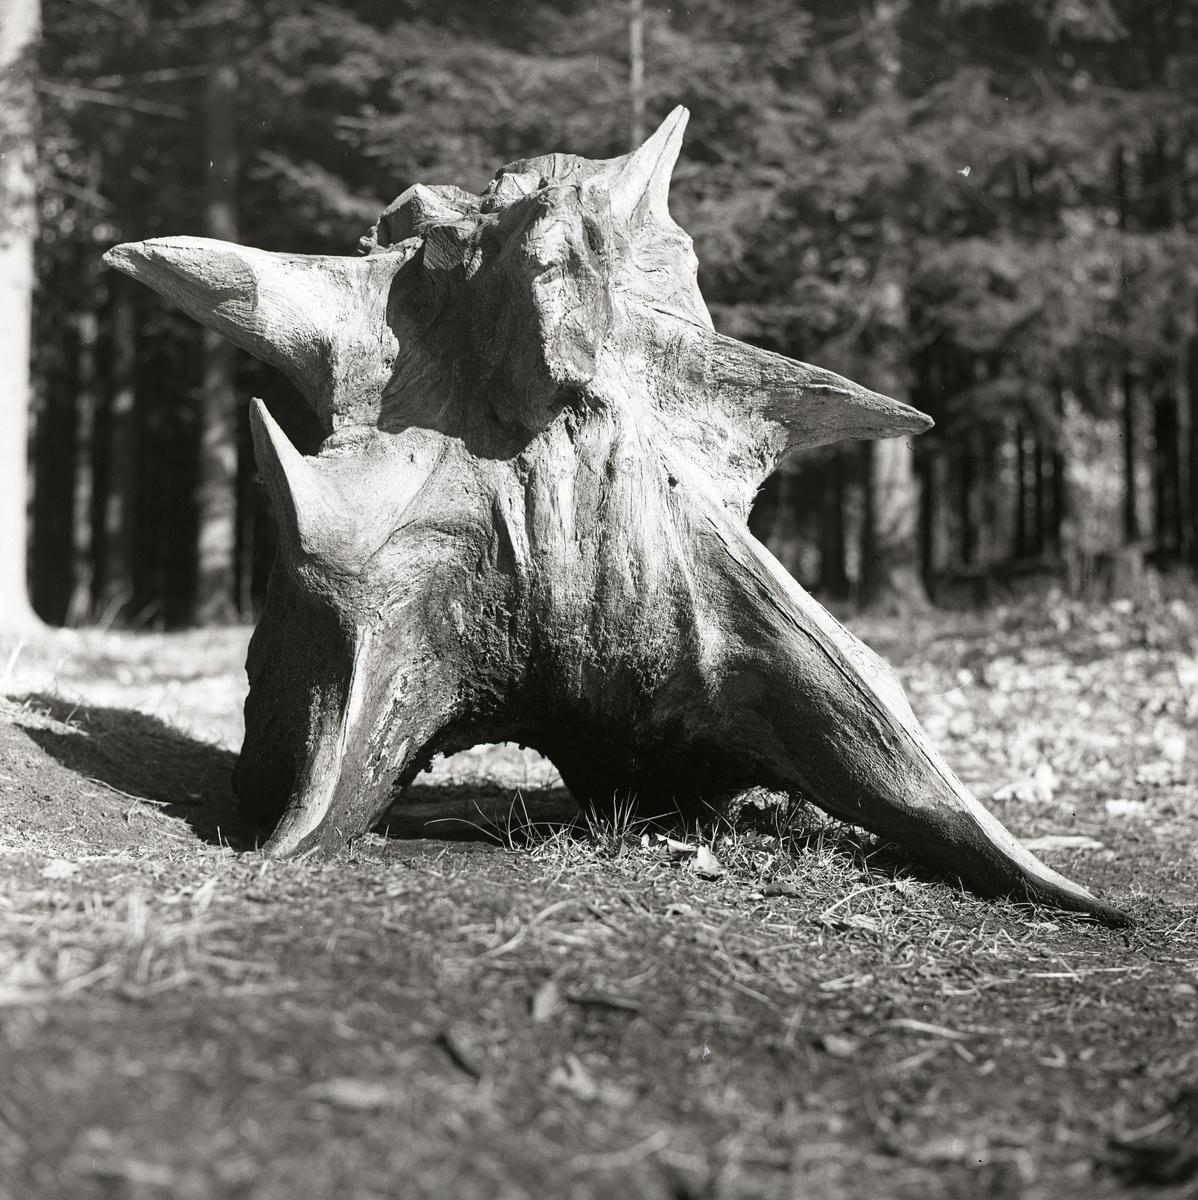 En stor stubbe formad som en björn framför en skog.